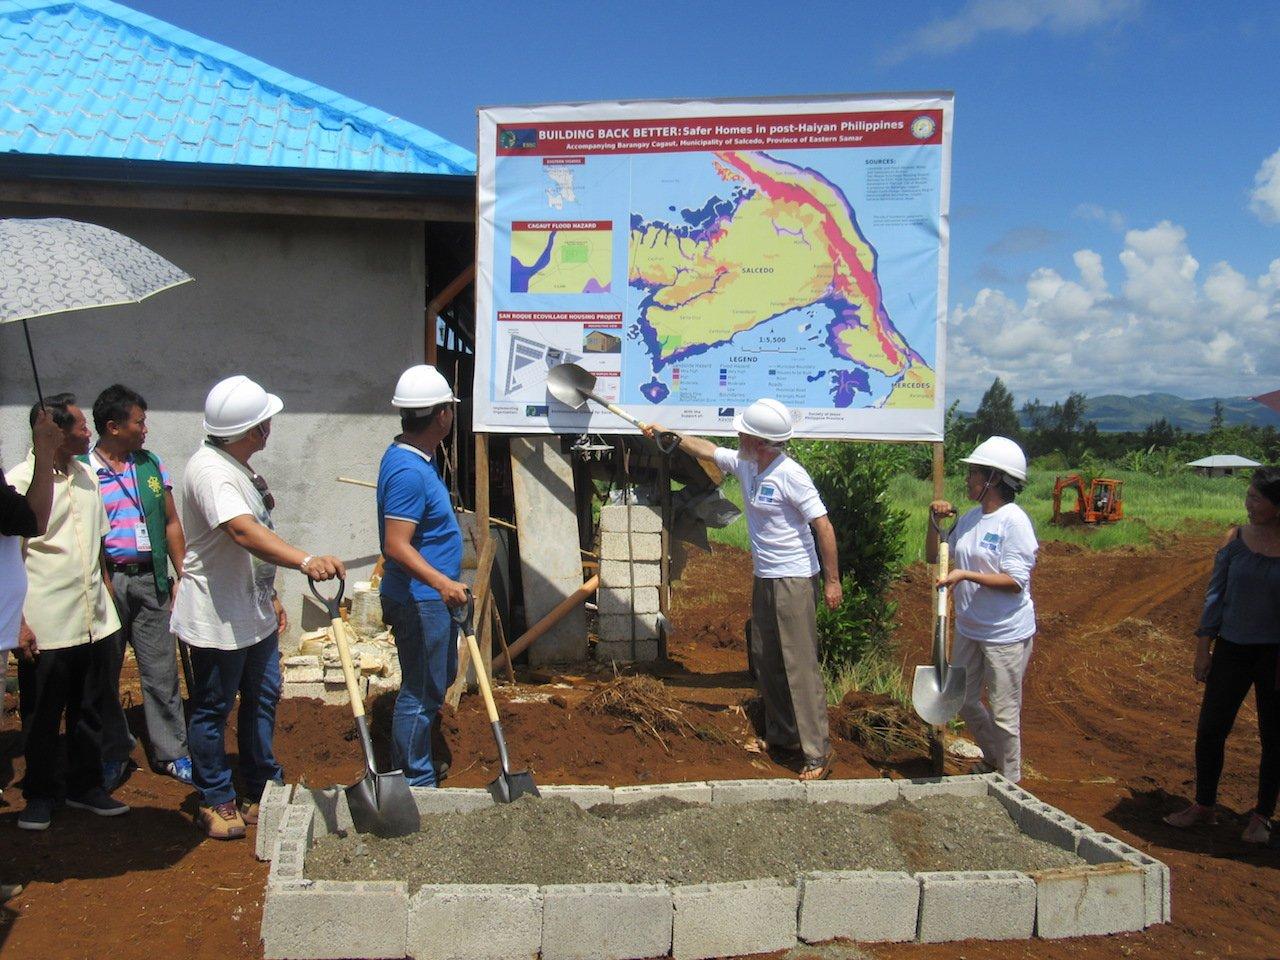 Reconstruir mejor en la Ecoaldea de San Roque: Hogares más seguros tras el paso del tifón Haiyan en Filipinas